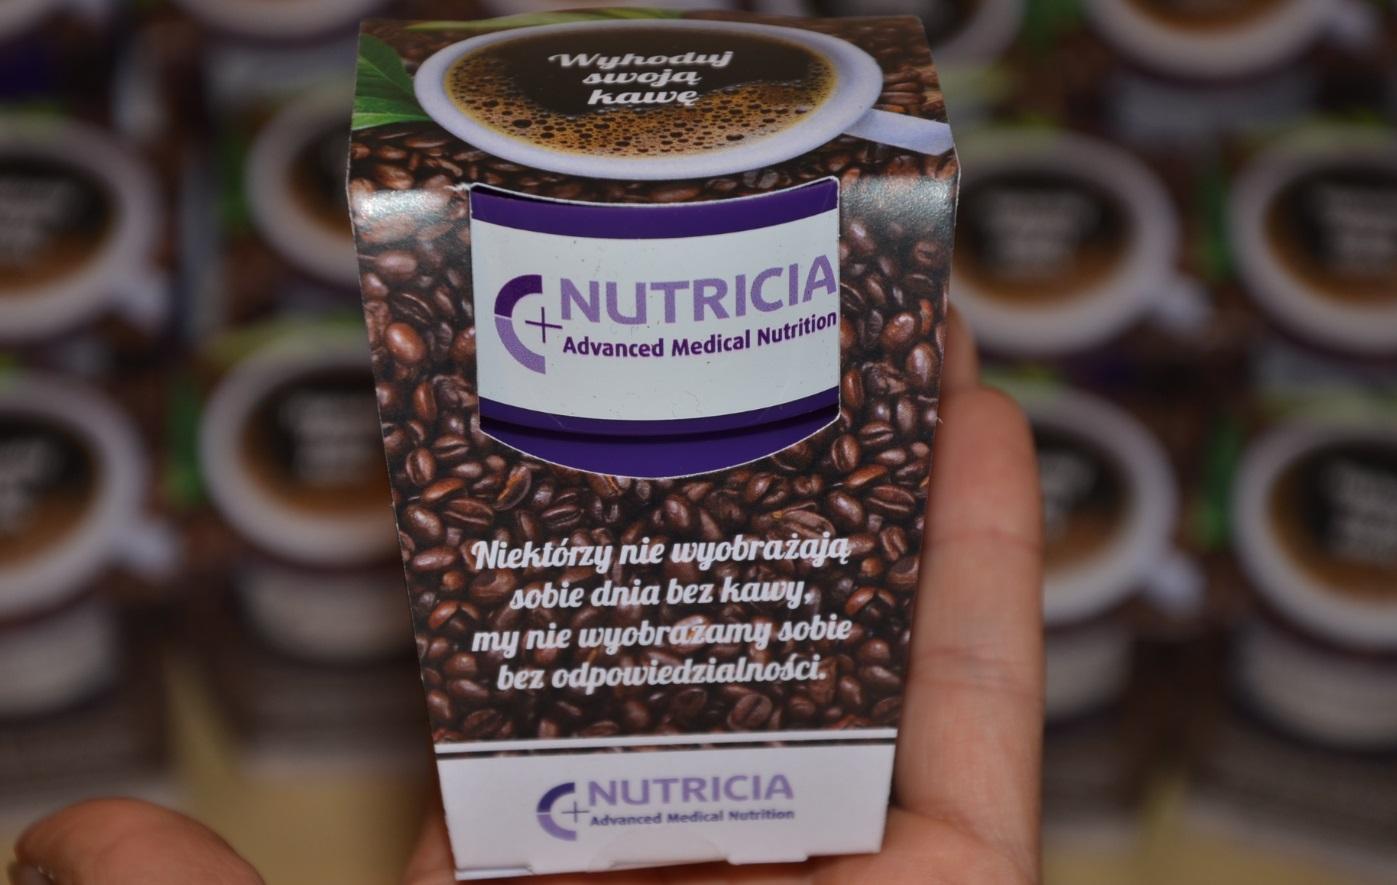 zestaw do własnej hodowli_kawa_Nutricia_1